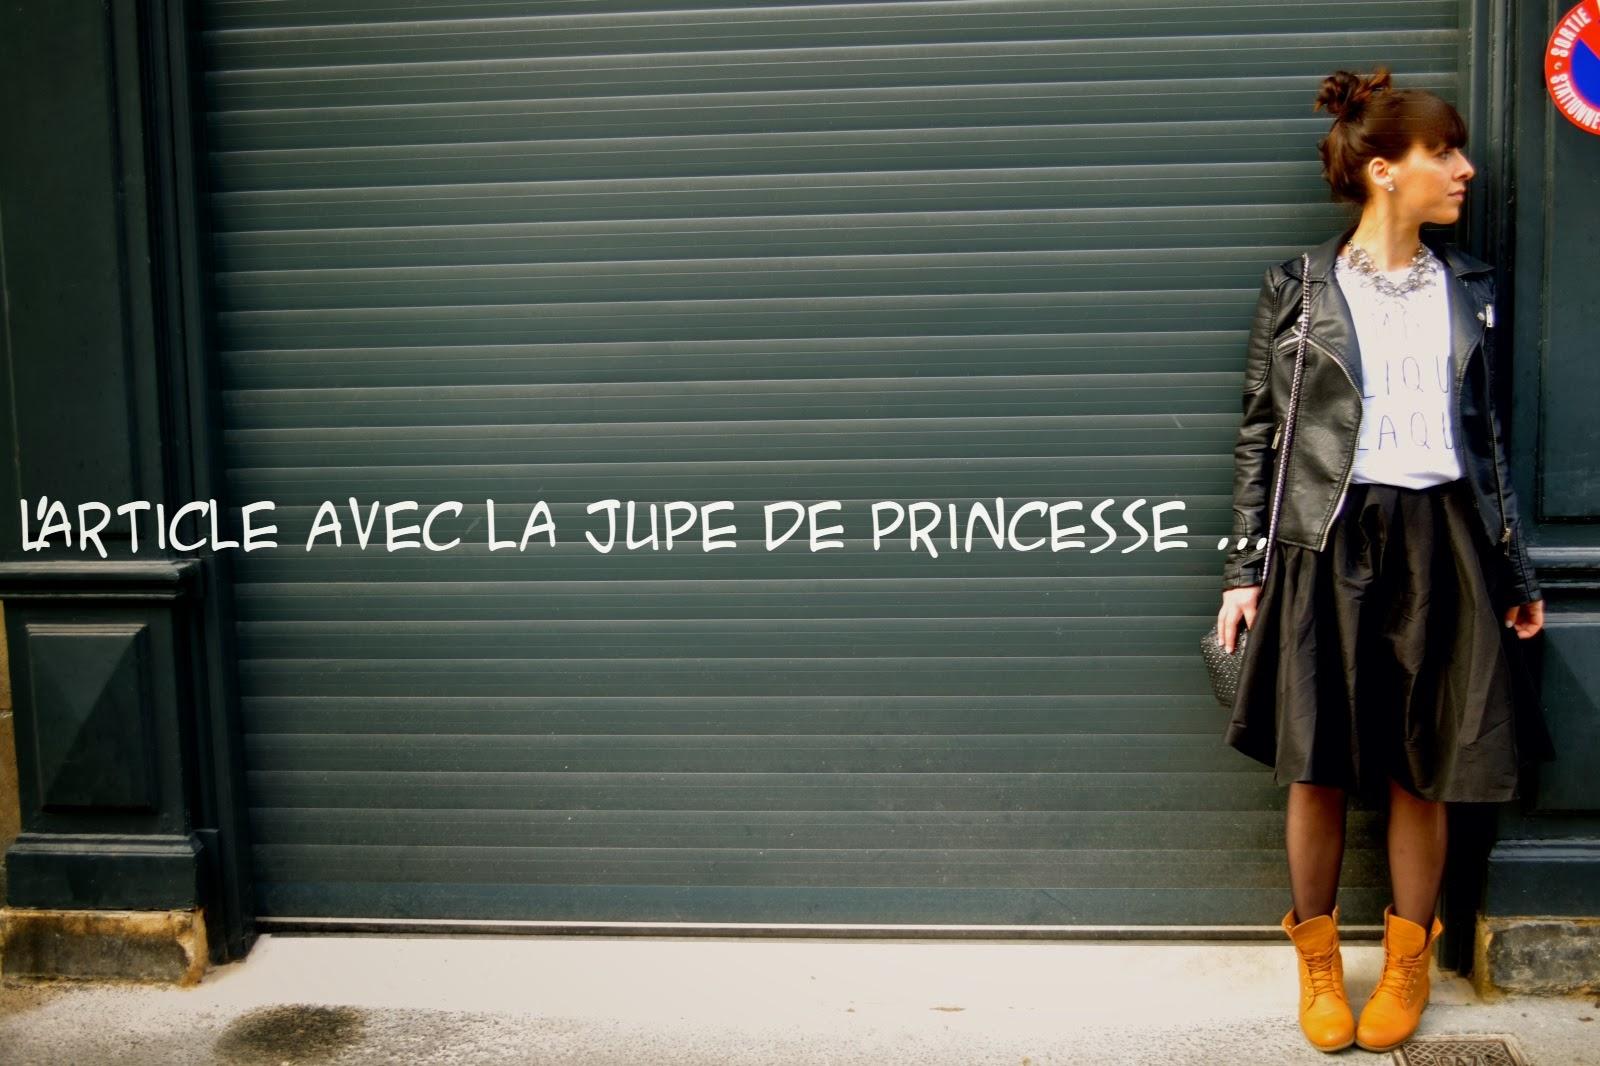 L'article avec la jupe de princesse ...